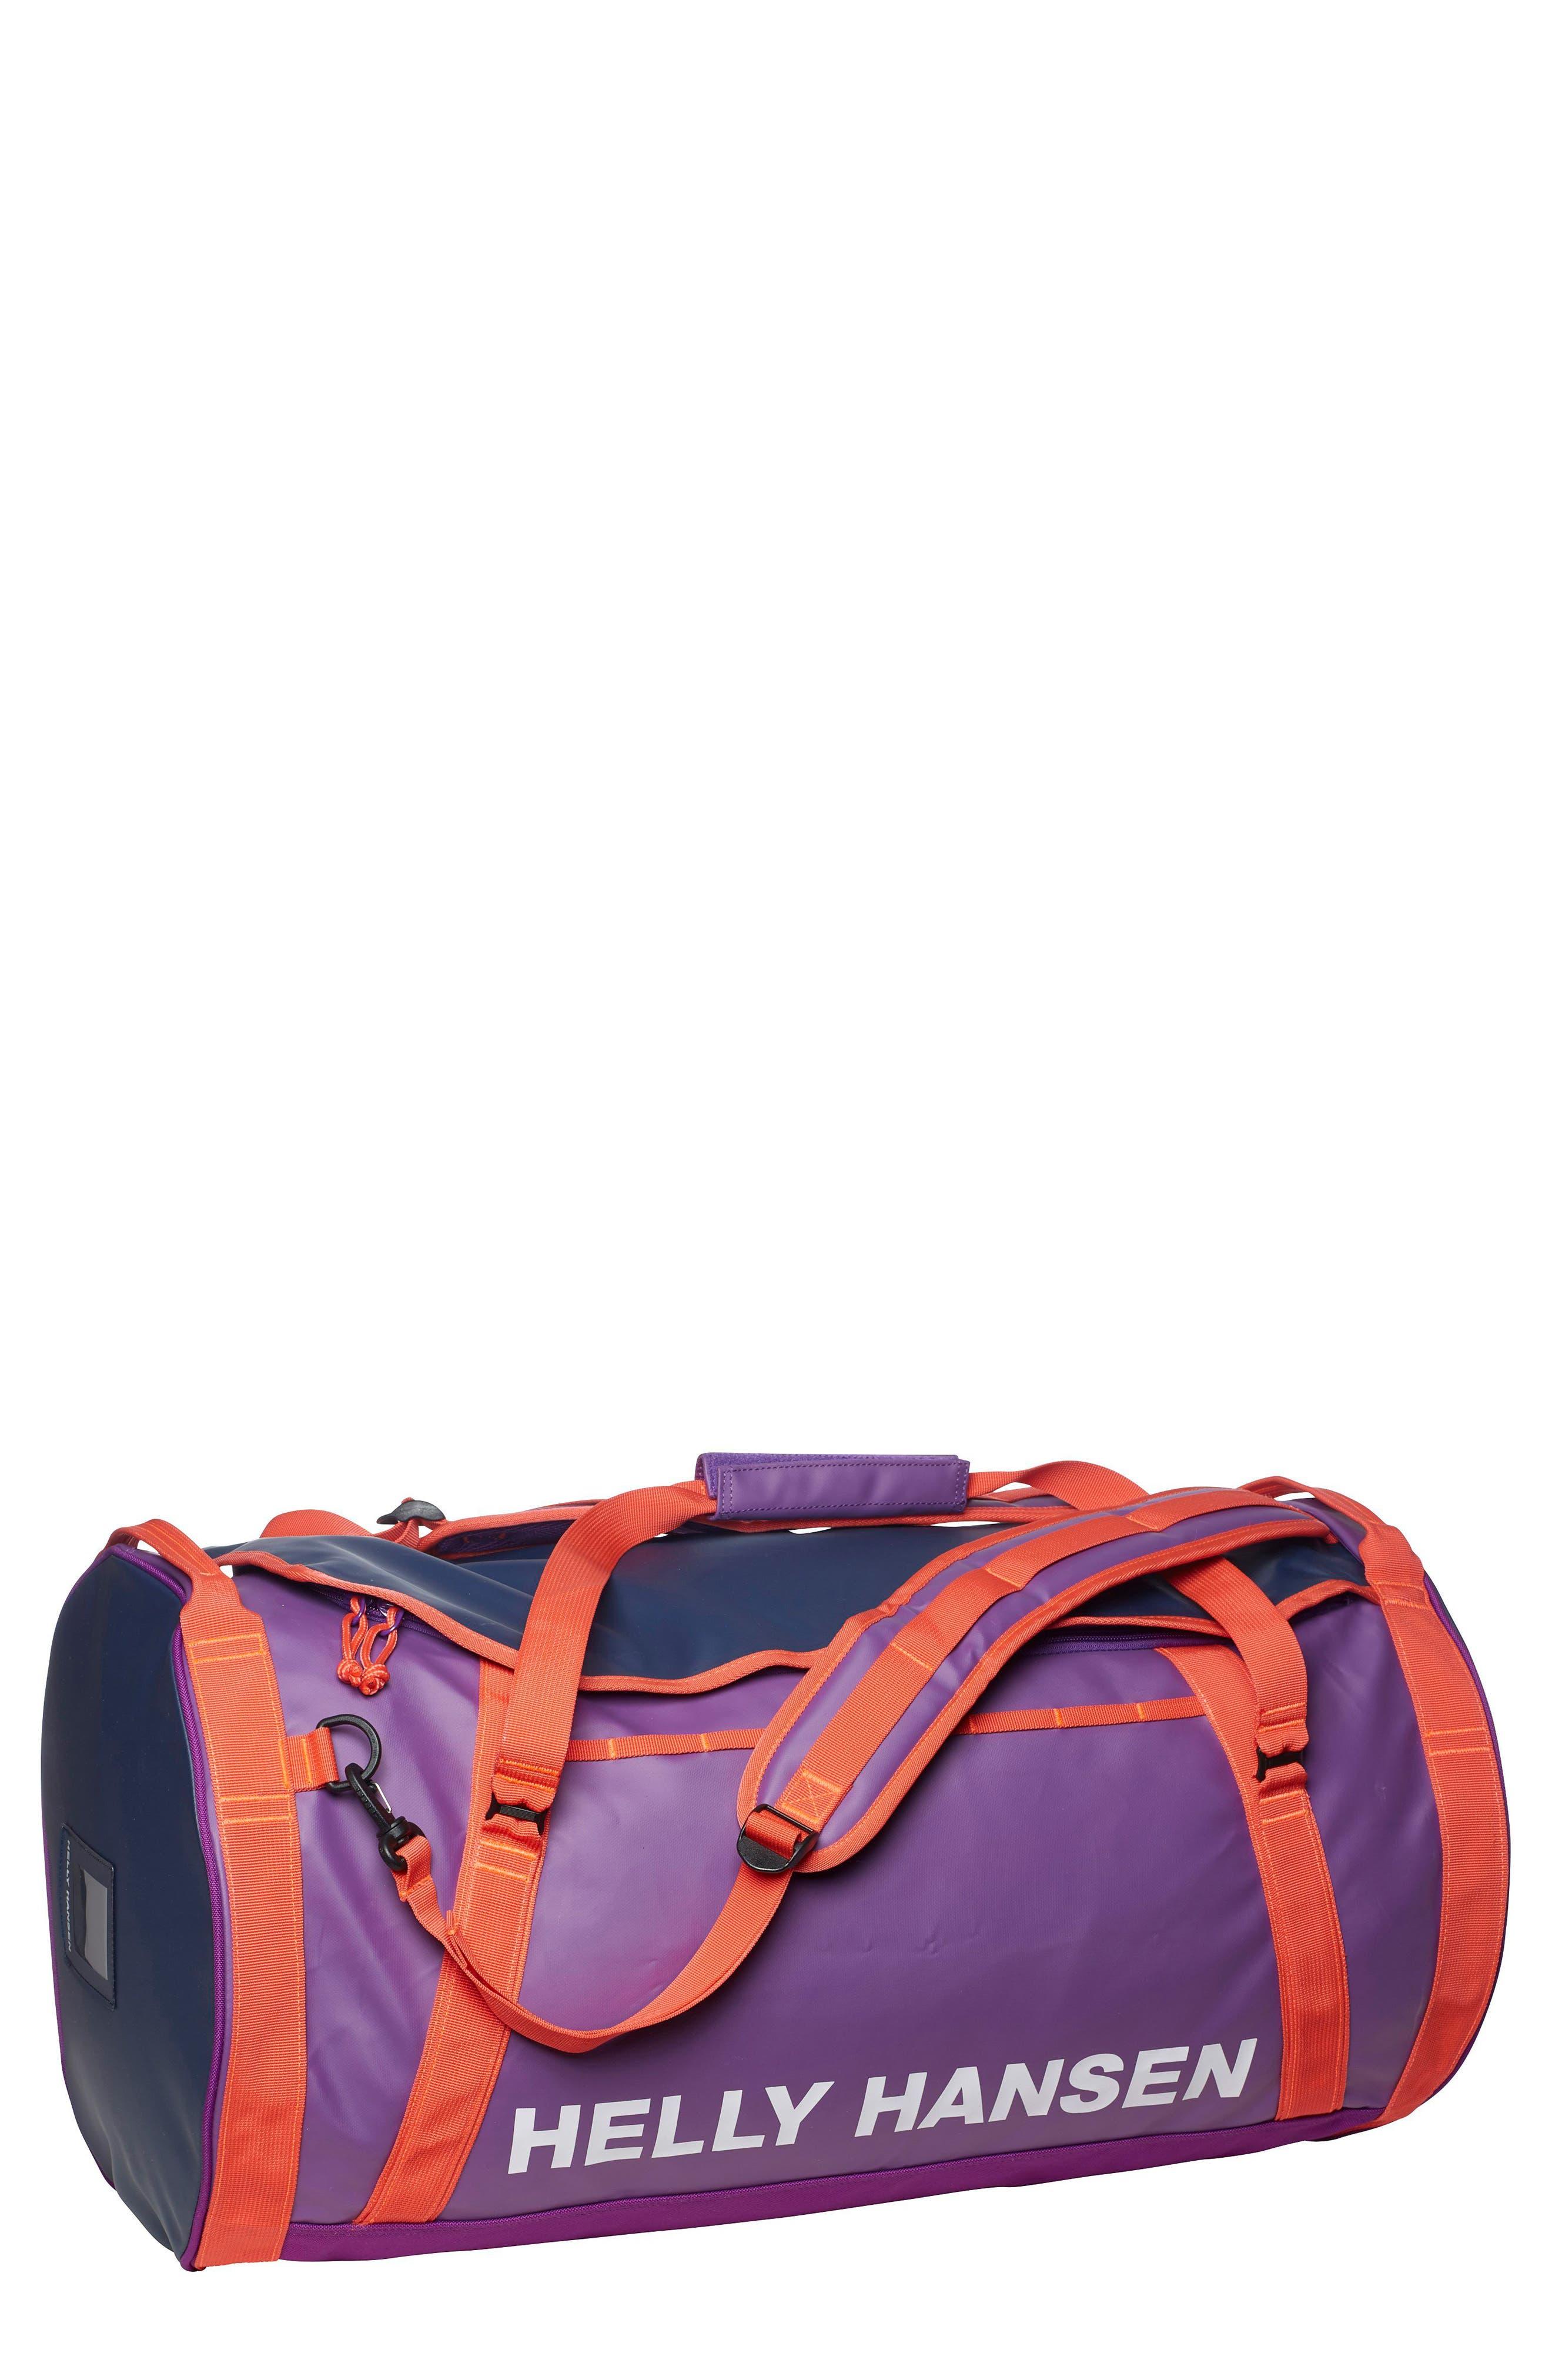 Helly Hansen 70-Liter Duffel Bag